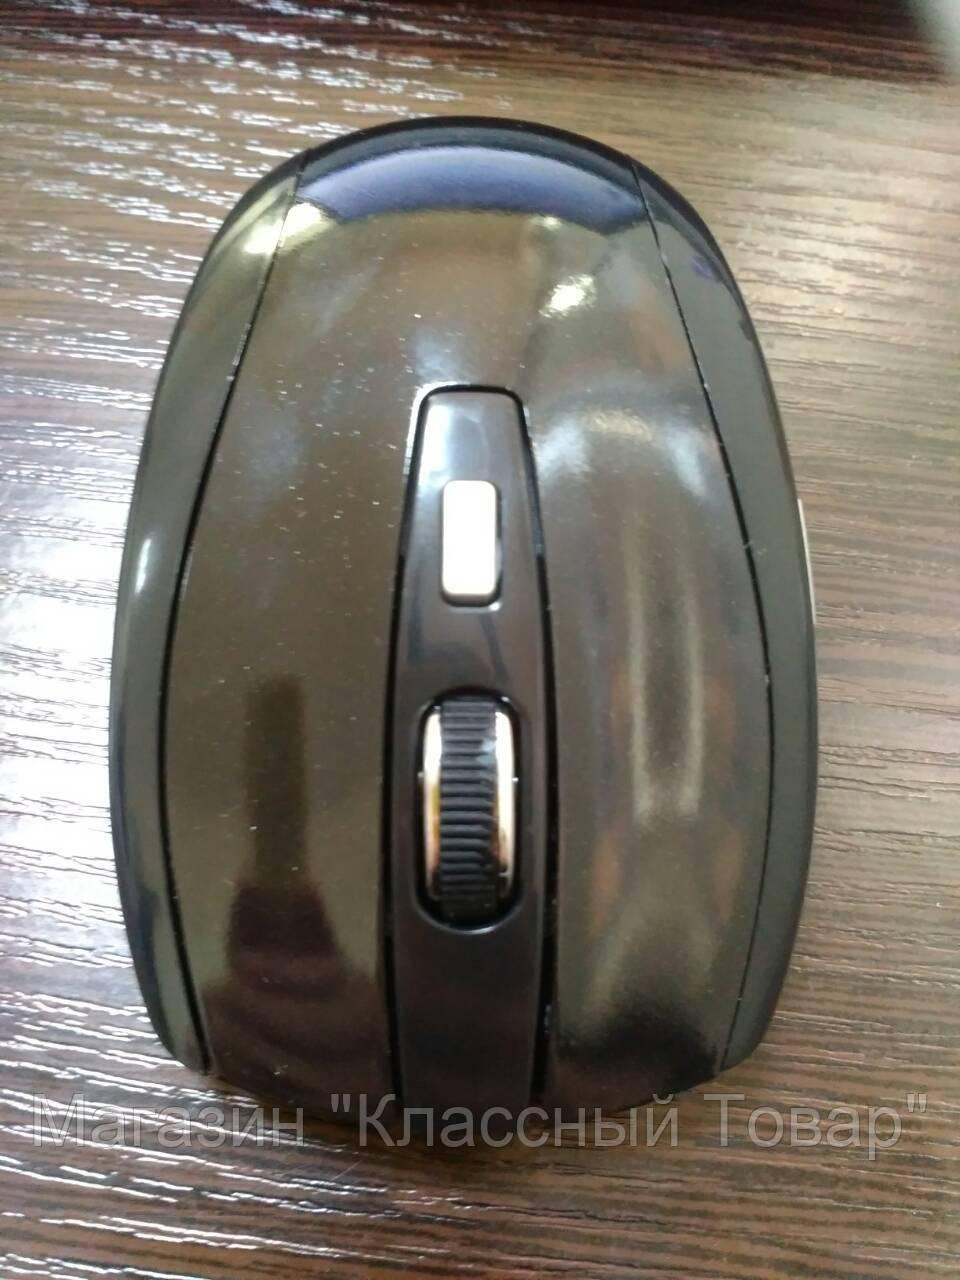 Мышка Безпроводная 113 H0264,Для настольного ПК,Мышка для компьютера! Лучший подарок